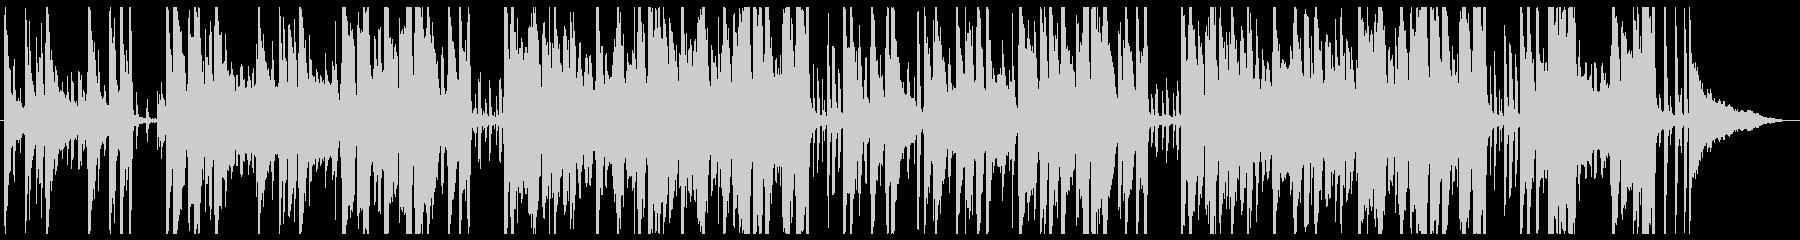 静かでおしゃれなトランペットのジャズの未再生の波形